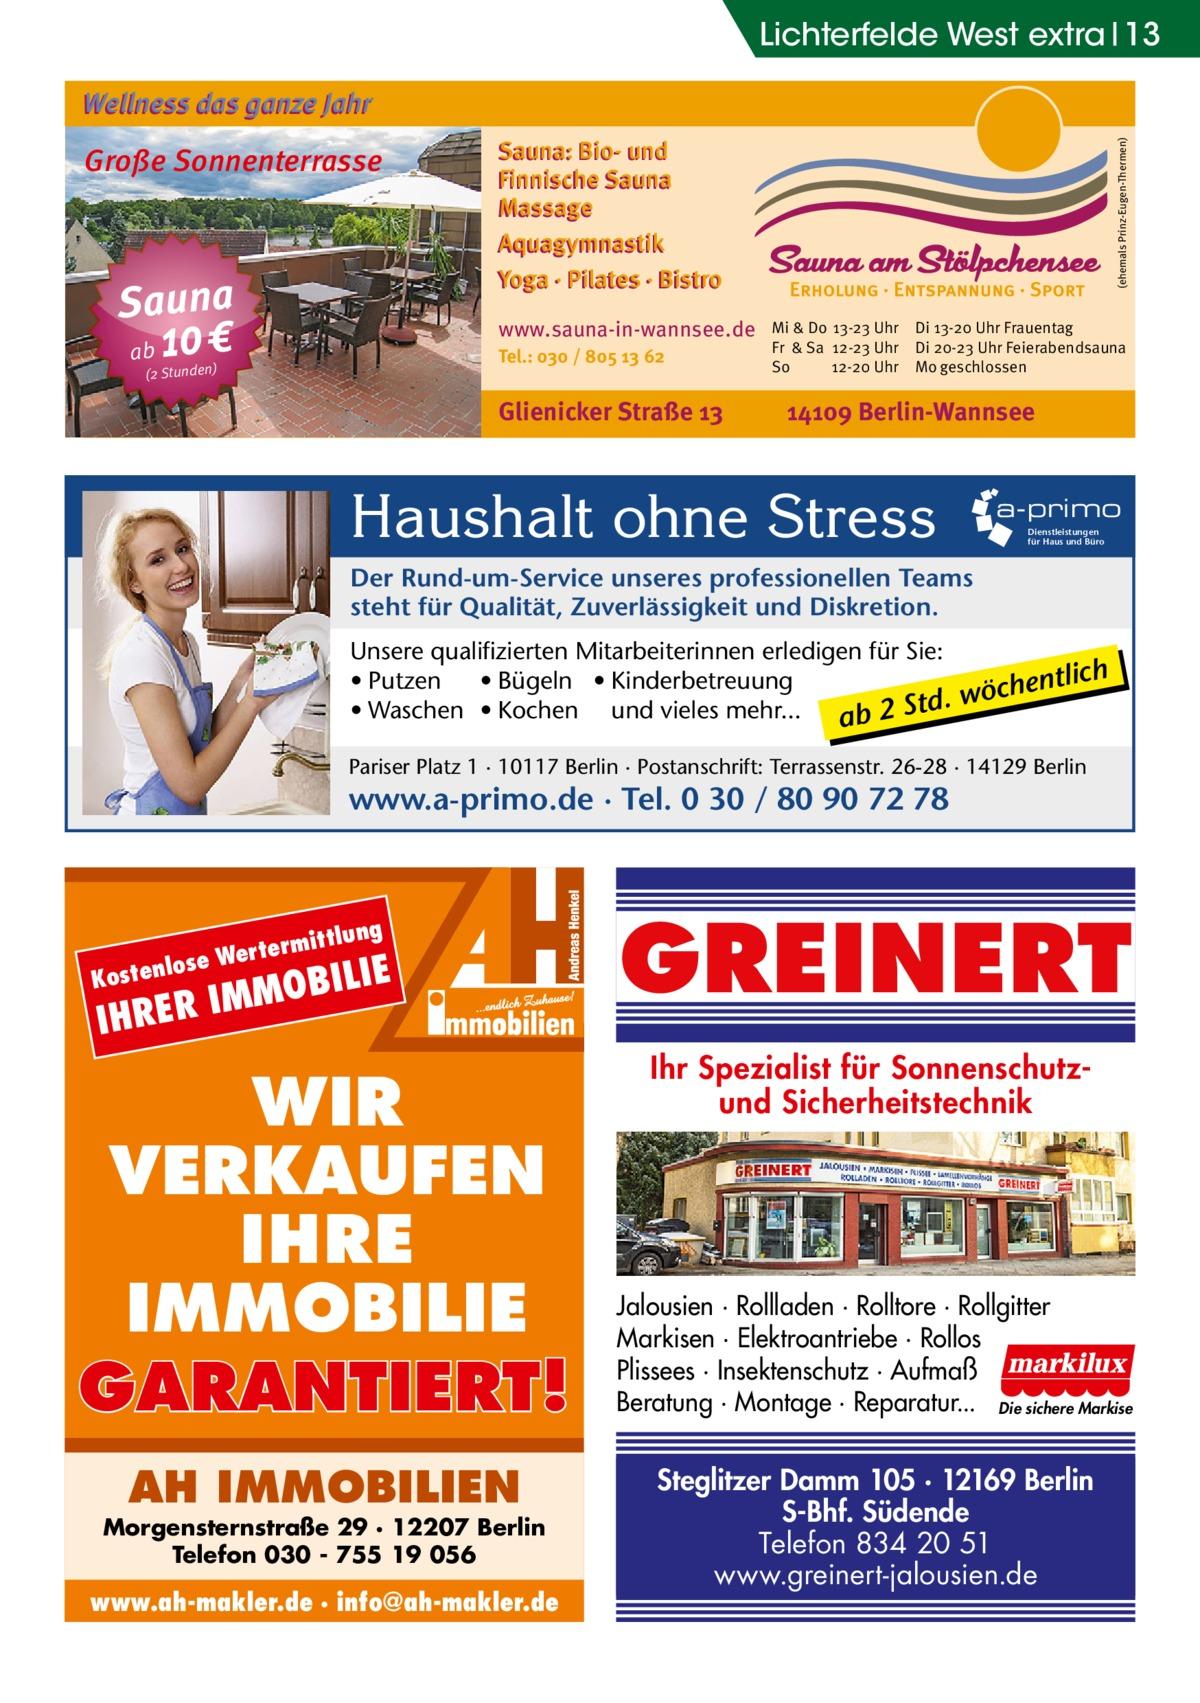 Lichterfelde West extra 13 Wellness das ganze Jahr  Sauna ab 10 €  Sauna: Bio- und Finnische Sauna Massage Aquagymnastik Yoga · Pilates · Bistro www.sauna-in-wannsee.de Tel.: 030 / 805 13 62  (2 Stunden)  Glienicker Straße 13  (ehemals Prinz-Eugen-Thermen)  Große Sonnenterrasse  Mi & Do 13-23 Uhr Fr & Sa 12-23 Uhr So 12-20 Uhr  Di 13-20 Uhr Frauentag Di 20-23 Uhr Feierabendsauna Mo geschlossen  14109 Berlin-Wannsee  Haushalt ohne Stress  a-primo Dienstleistungen für Haus und Büro  Der Rund-um-Service unseres professionellen Teams steht für Qualität, Zuverlässigkeit und Diskretion. Unsere qualifizierten Mitarbeiterinnen erledigen für Sie: • Putzen • Bügeln • Kinderbetreuung entlich . wöch d t S • Waschen • Kochen und vieles mehr... 2 ab Pariser Platz 1 · 10117 Berlin · Postanschrift: Terrassenstr. 26-28 · 14129 Berlin  www.a-primo.de · Tel. 0 30 / 80 90 72 78  tlung  termit  se Wer  lo Kosten  IE  MOBIL  IM IHRER  WIR VERKAUFEN IHRE IMMOBILIE GARANTIERT! AH IMMOBILIEN  Morgensternstraße 29 · 12207 Berlin Telefon 030 - 755 19 056  www.ah-makler.de · info@ah-makler.de  GREINERT Ihr Spezialist für Sonnenschutzund Sicherheitstechnik  Jalousien · Rollladen · Rolltore · Rollgitter Markisen · Elektroantriebe · Rollos Plissees · Insektenschutz · Aufmaß Beratung · Montage · Reparatur... Die sichere Markise  Steglitzer Damm 105 · 12169 Berlin S-Bhf. Südende Telefon 834 20 51 www.greinert-jalousien.de